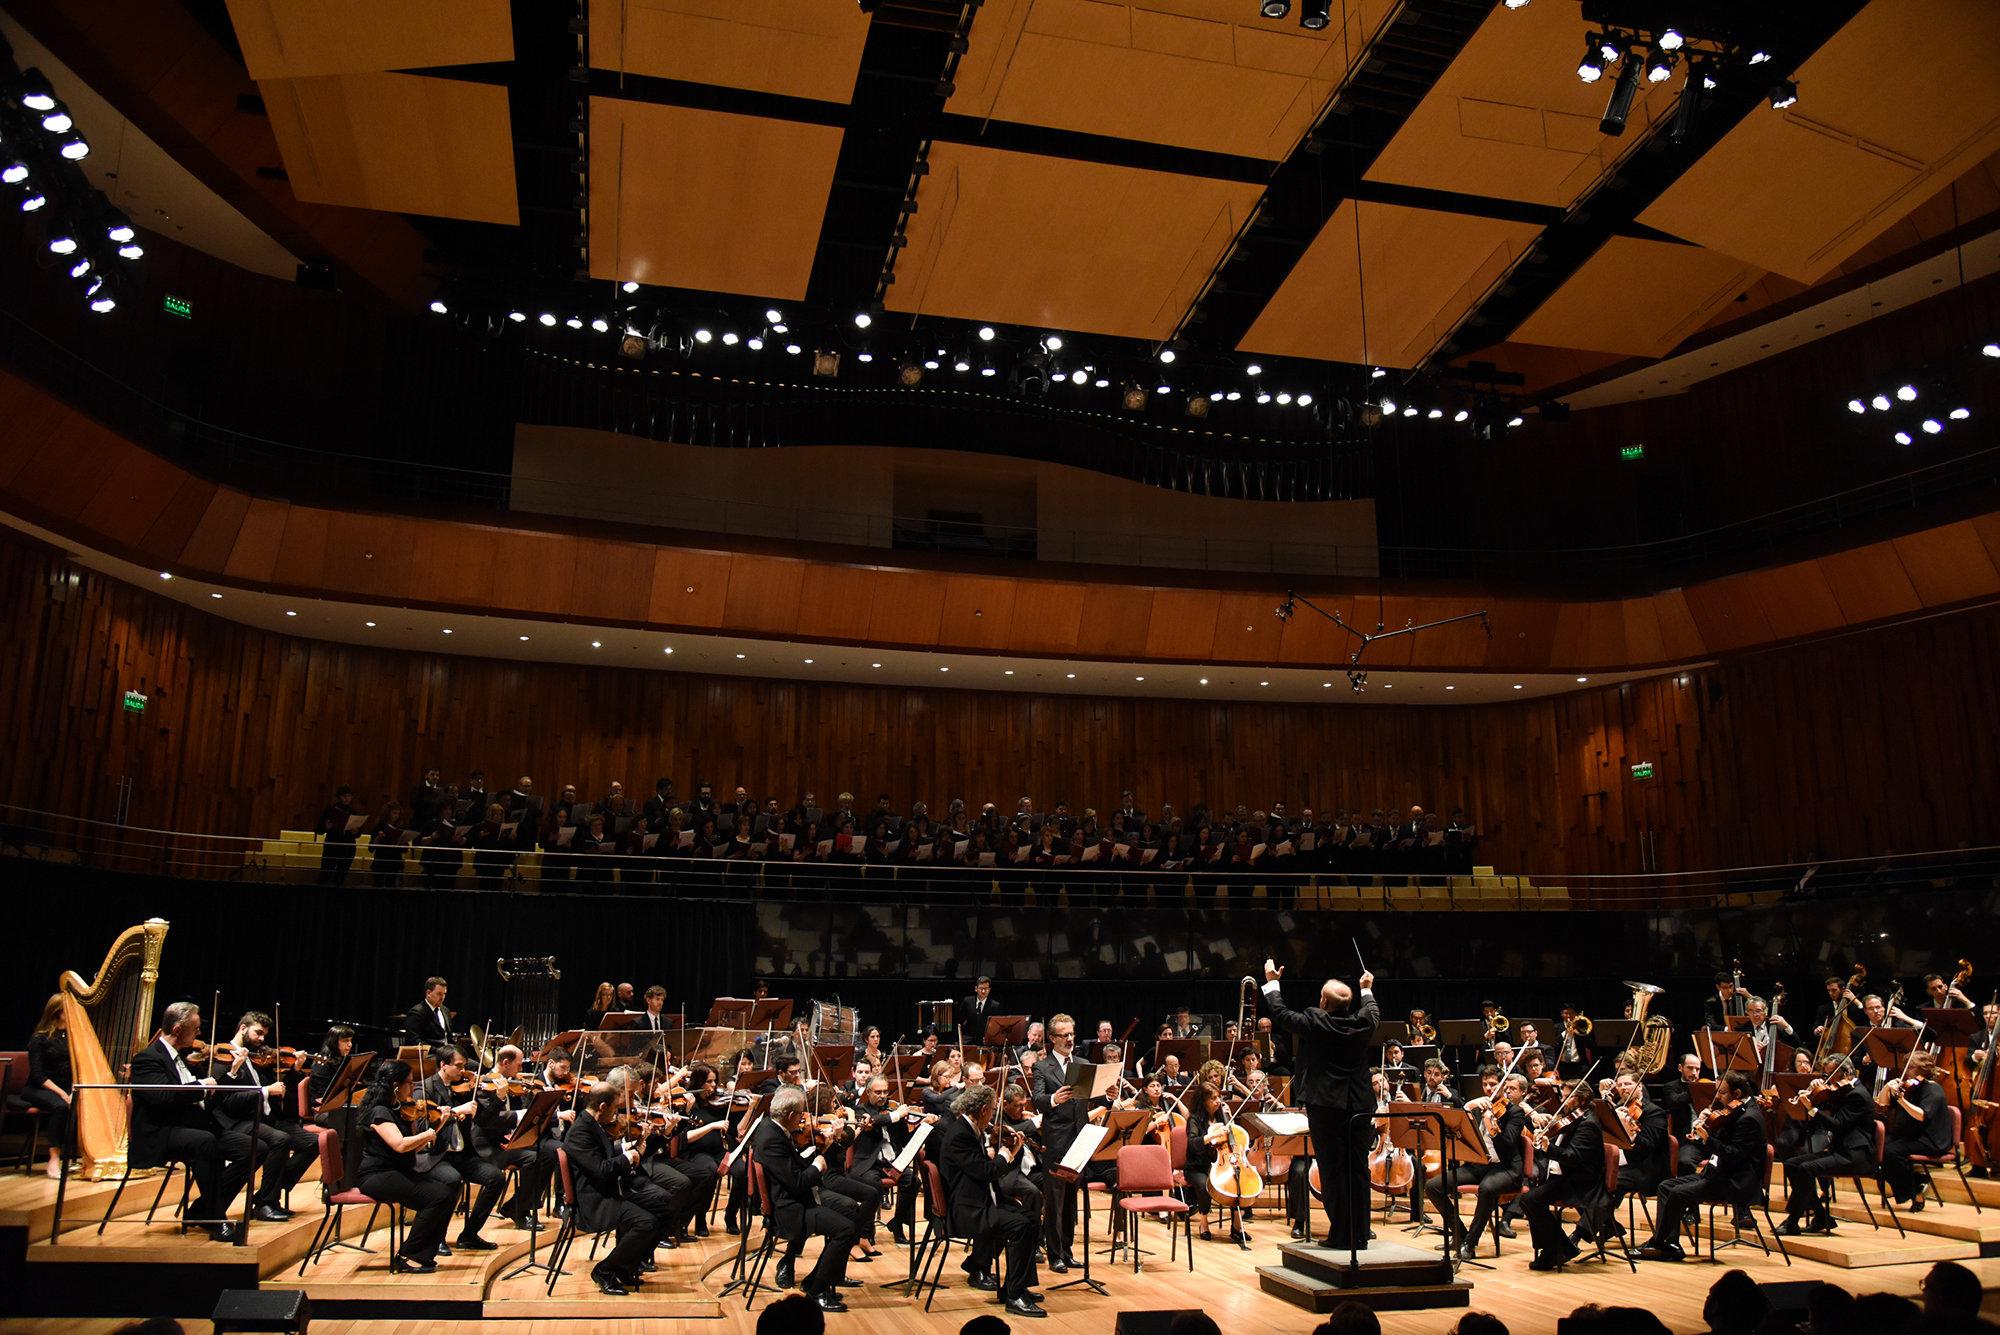 Concierto del 29 de agosto en el CCK. Orquesta Sínfónica de Argentina